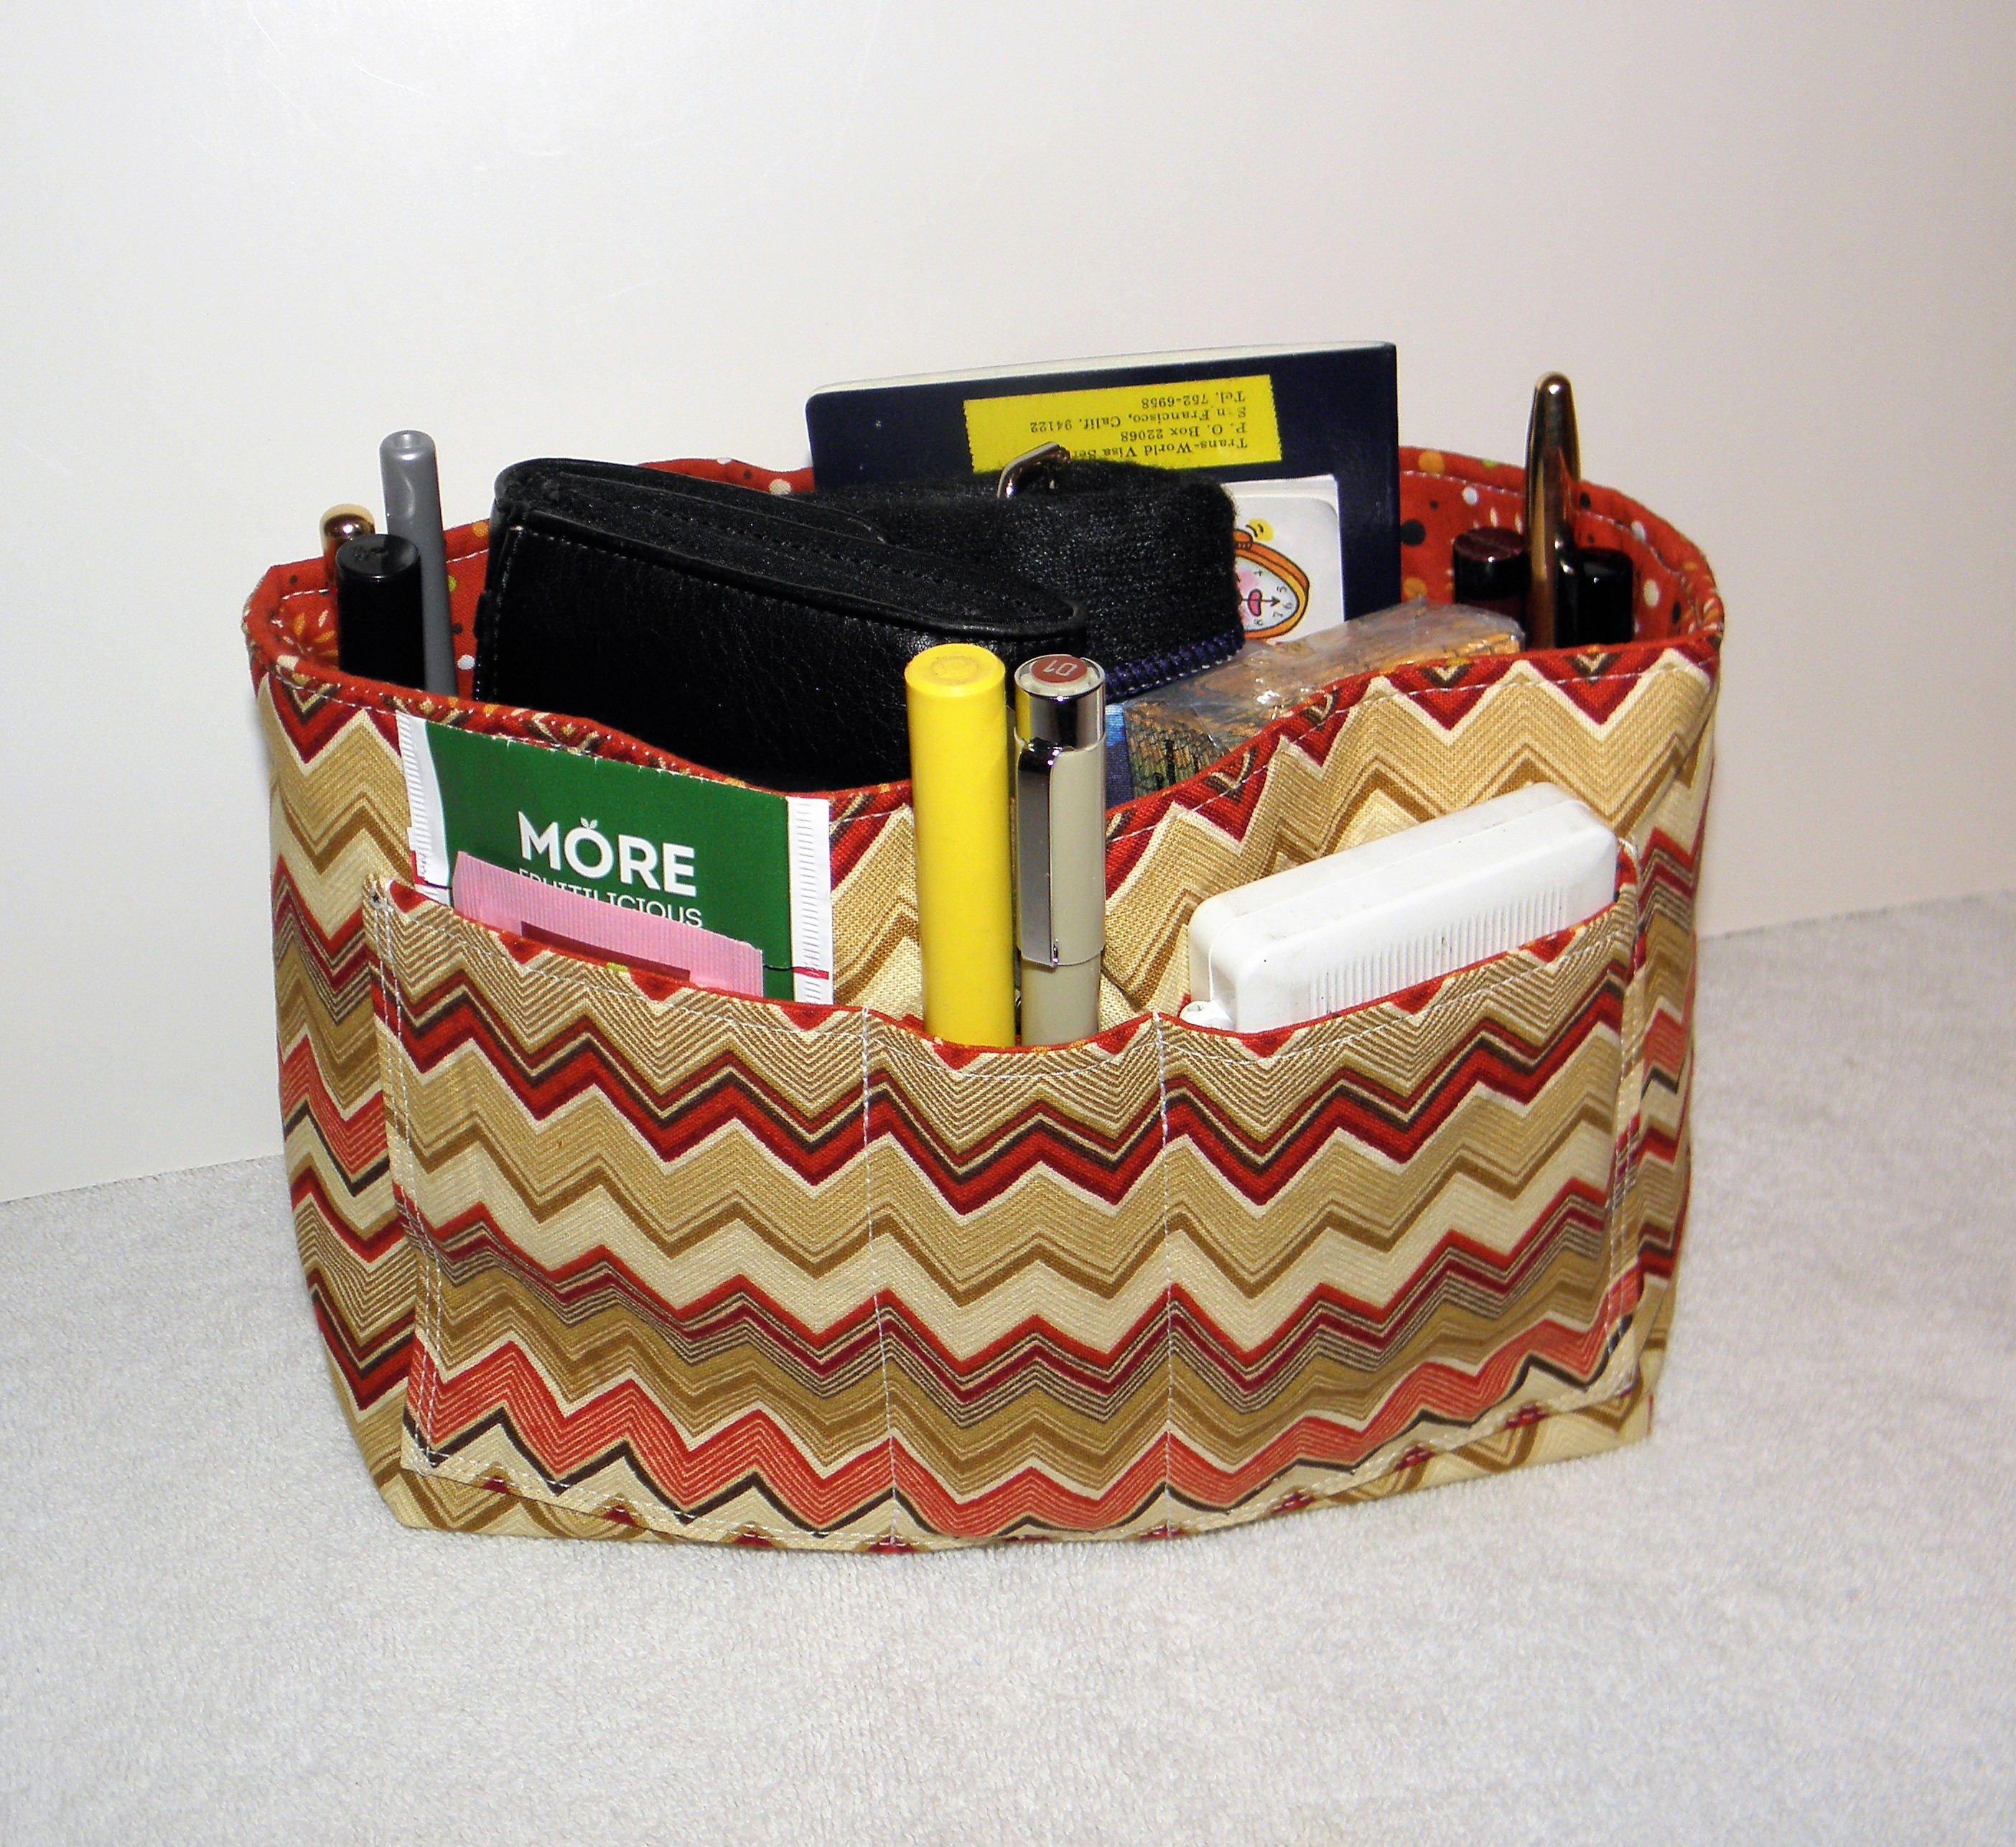 Purse Insert Bag Organizer 15 Pockets Bucket Style Handbag